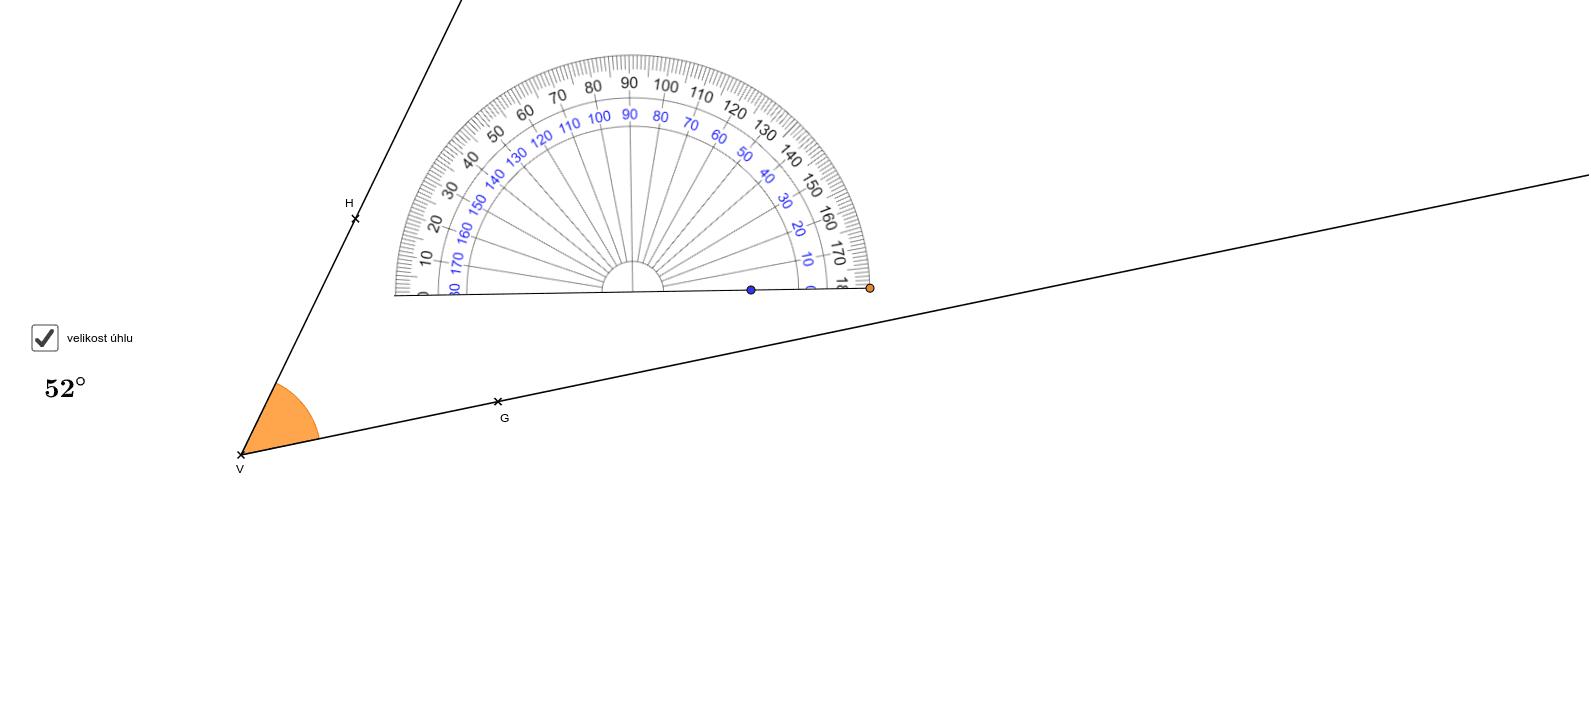 Pomocí bodů G, V, H nastavíte libovolný úhel, který změříte úhloměrem. Úhloměrem lze pohybovat pomocí modrého puntíku a otáčet jím pomocí oranžového puntíku. Po zaškrtnutí políčka velikost úhlu se zobrazí velikost úhlu. Zahajte aktivitu stisknutím klávesy Enter